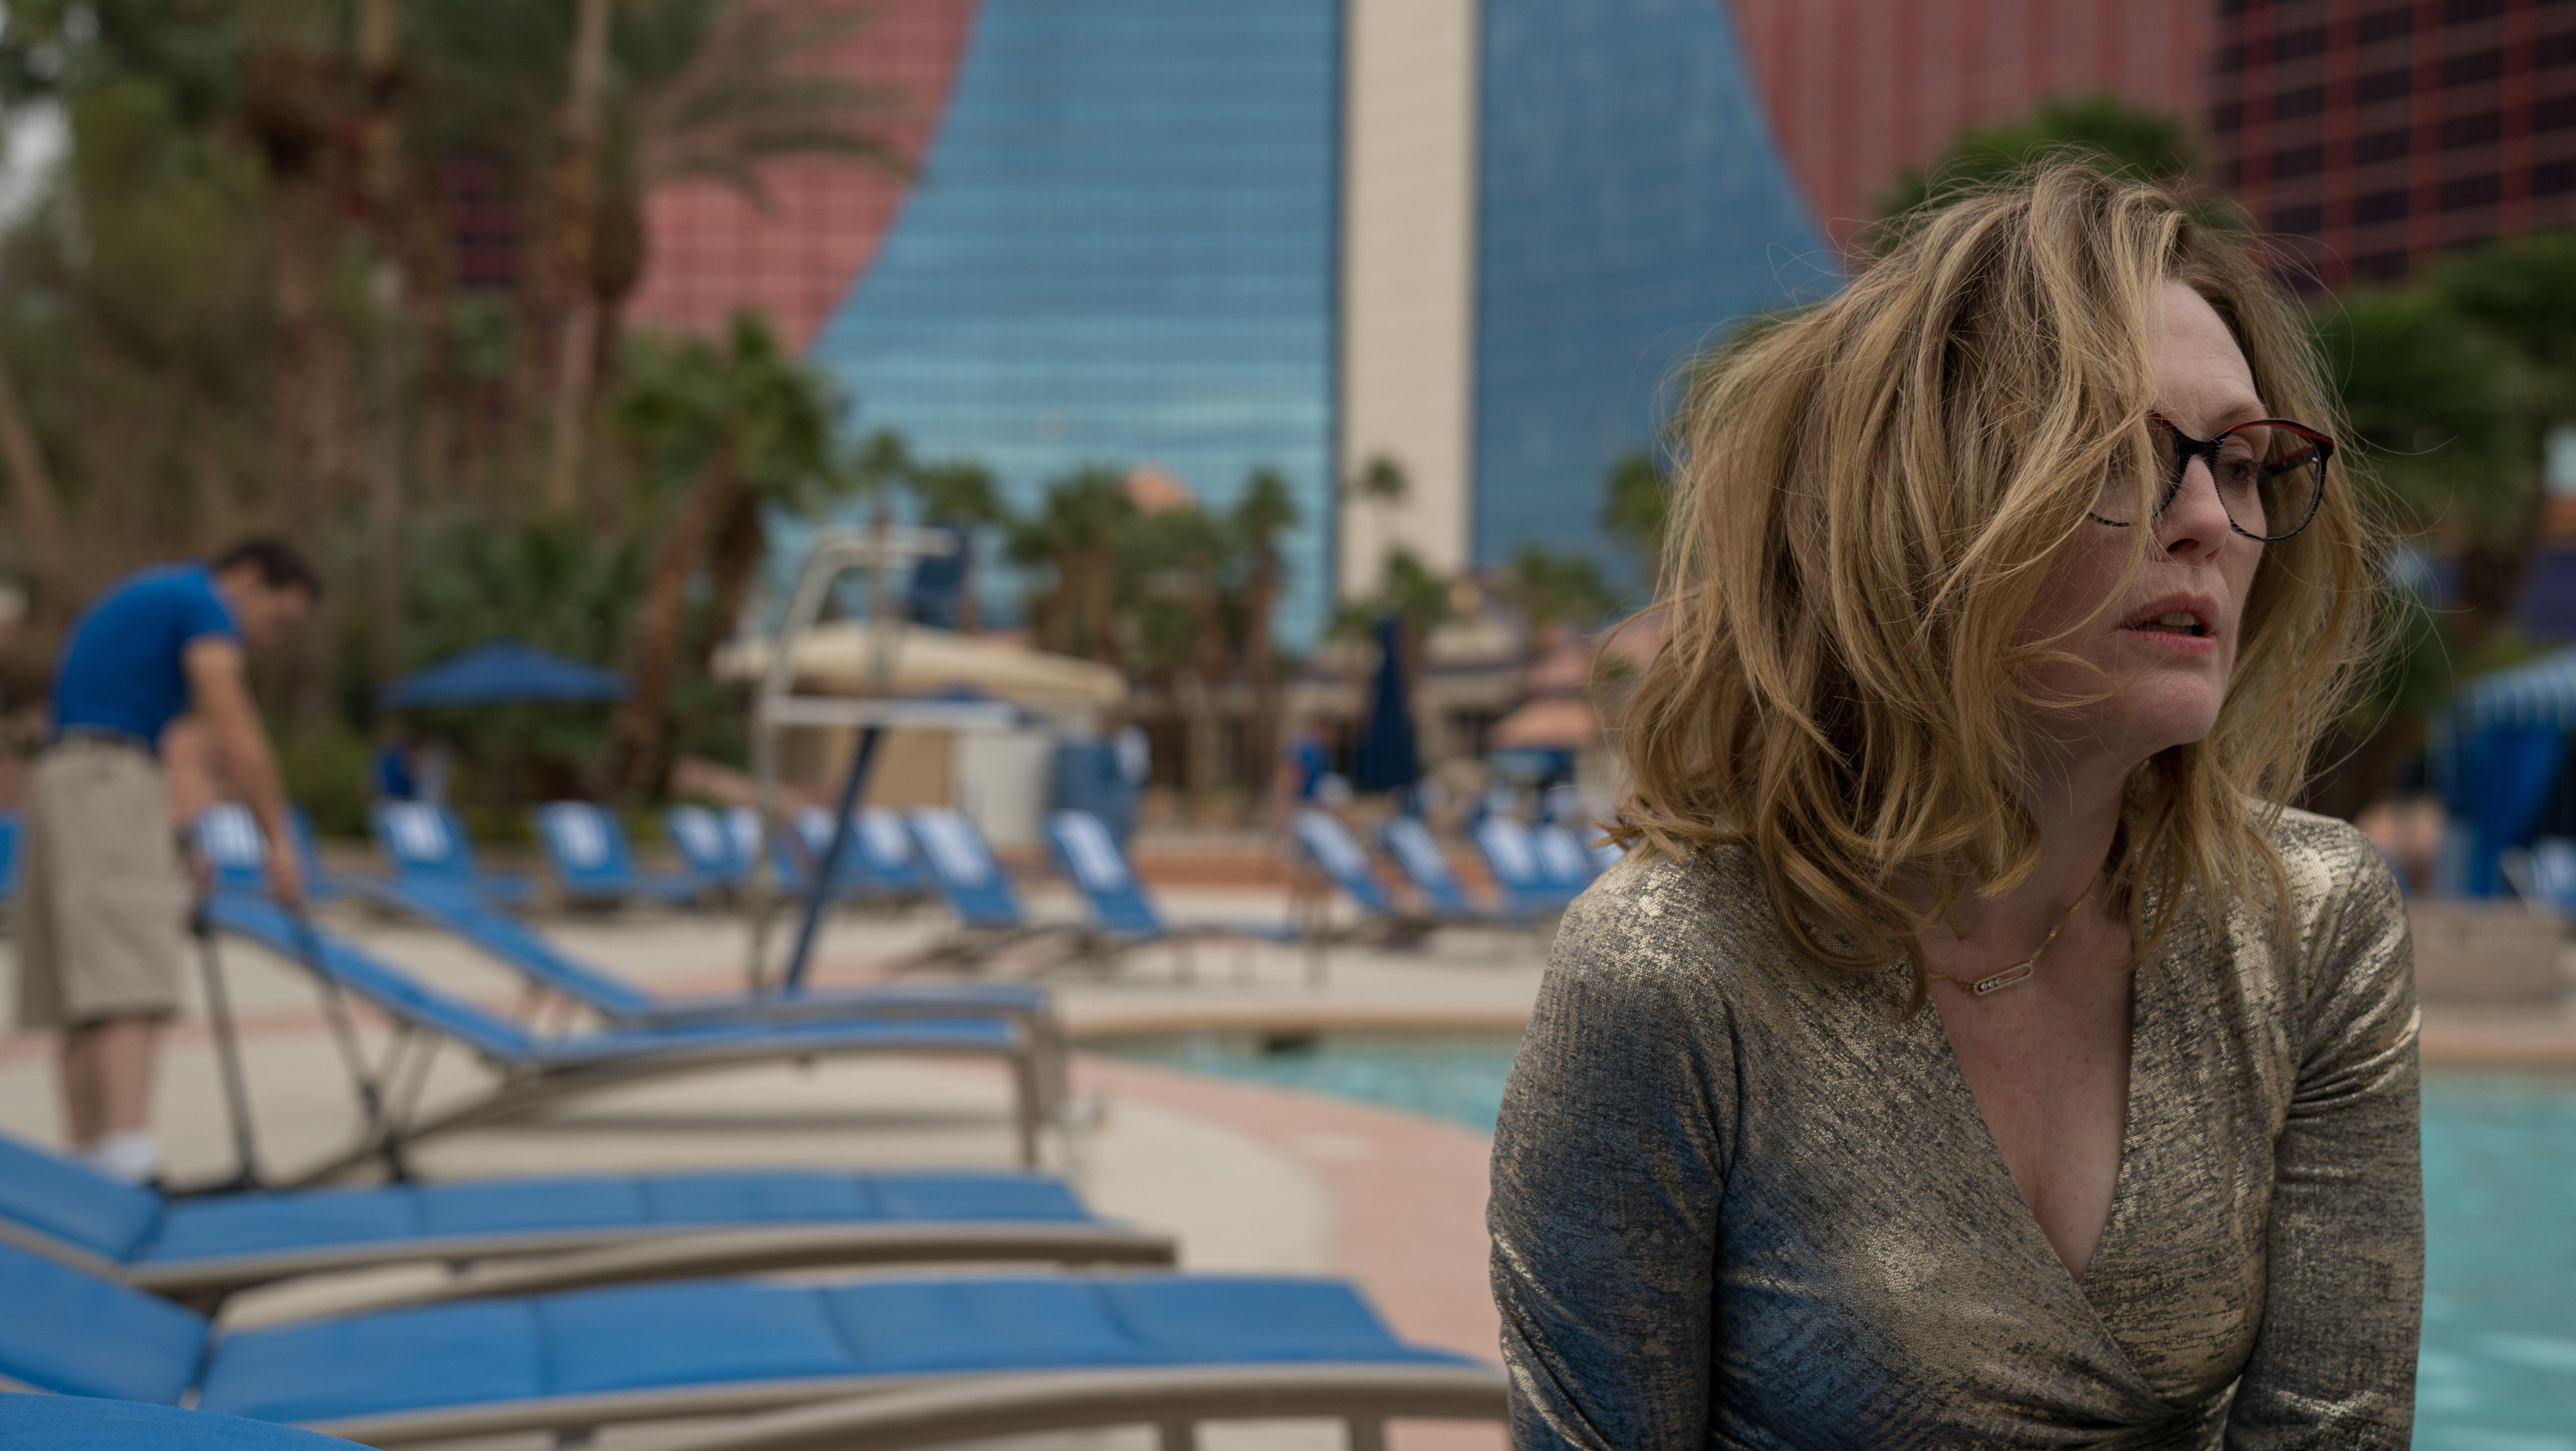 Julianne Moore sitzt mit zerzausten Haaren an einem Hotel-Swimmingpool und blickt ins Leere